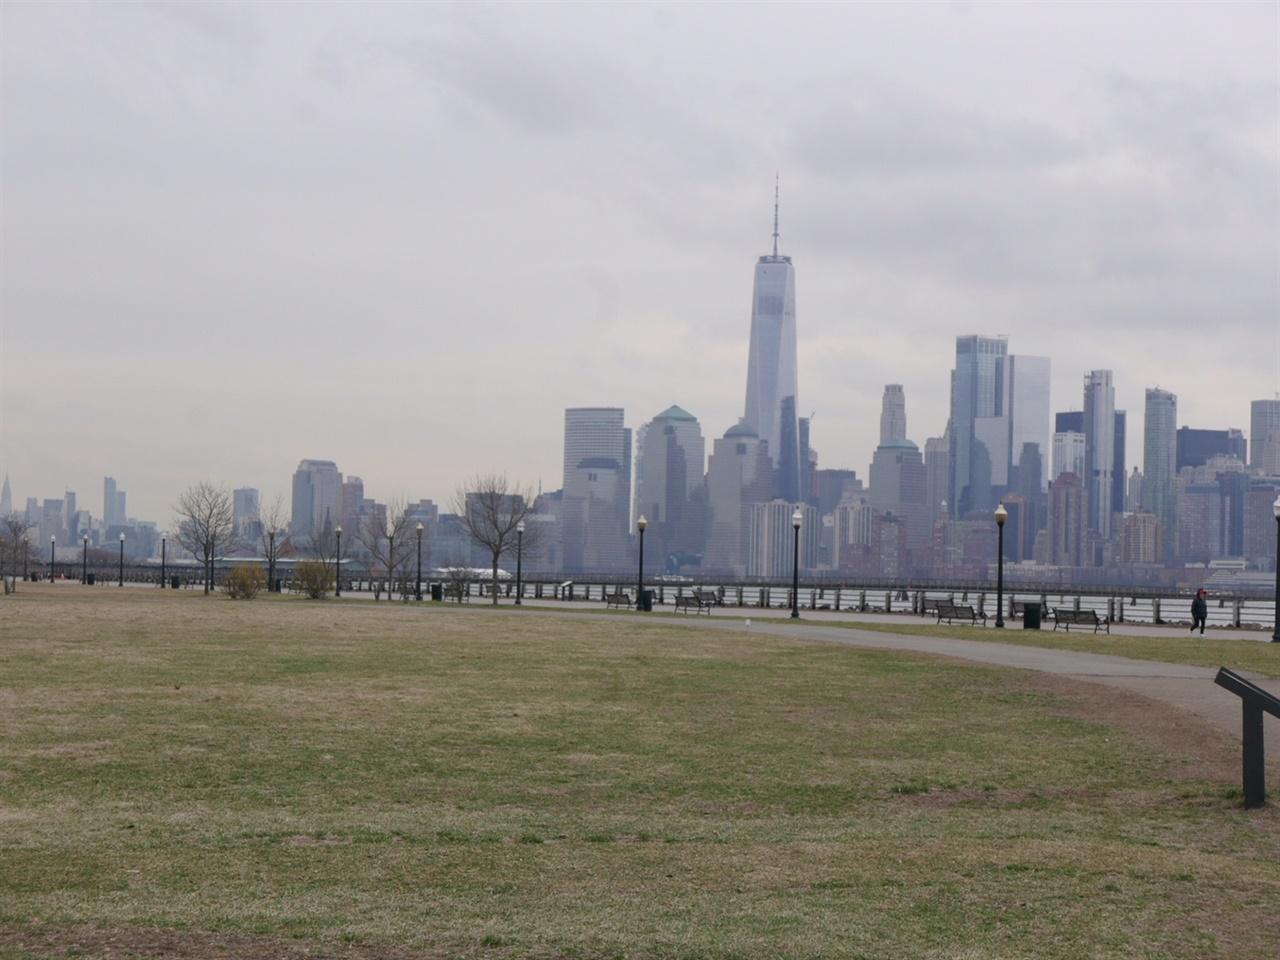 리버티 파크에서 바라본 뉴욕  뉴욕, 뉴저지 셧다운 전에 차를 타고 1시간 거리의 한적한 공원에 다녀왔다.